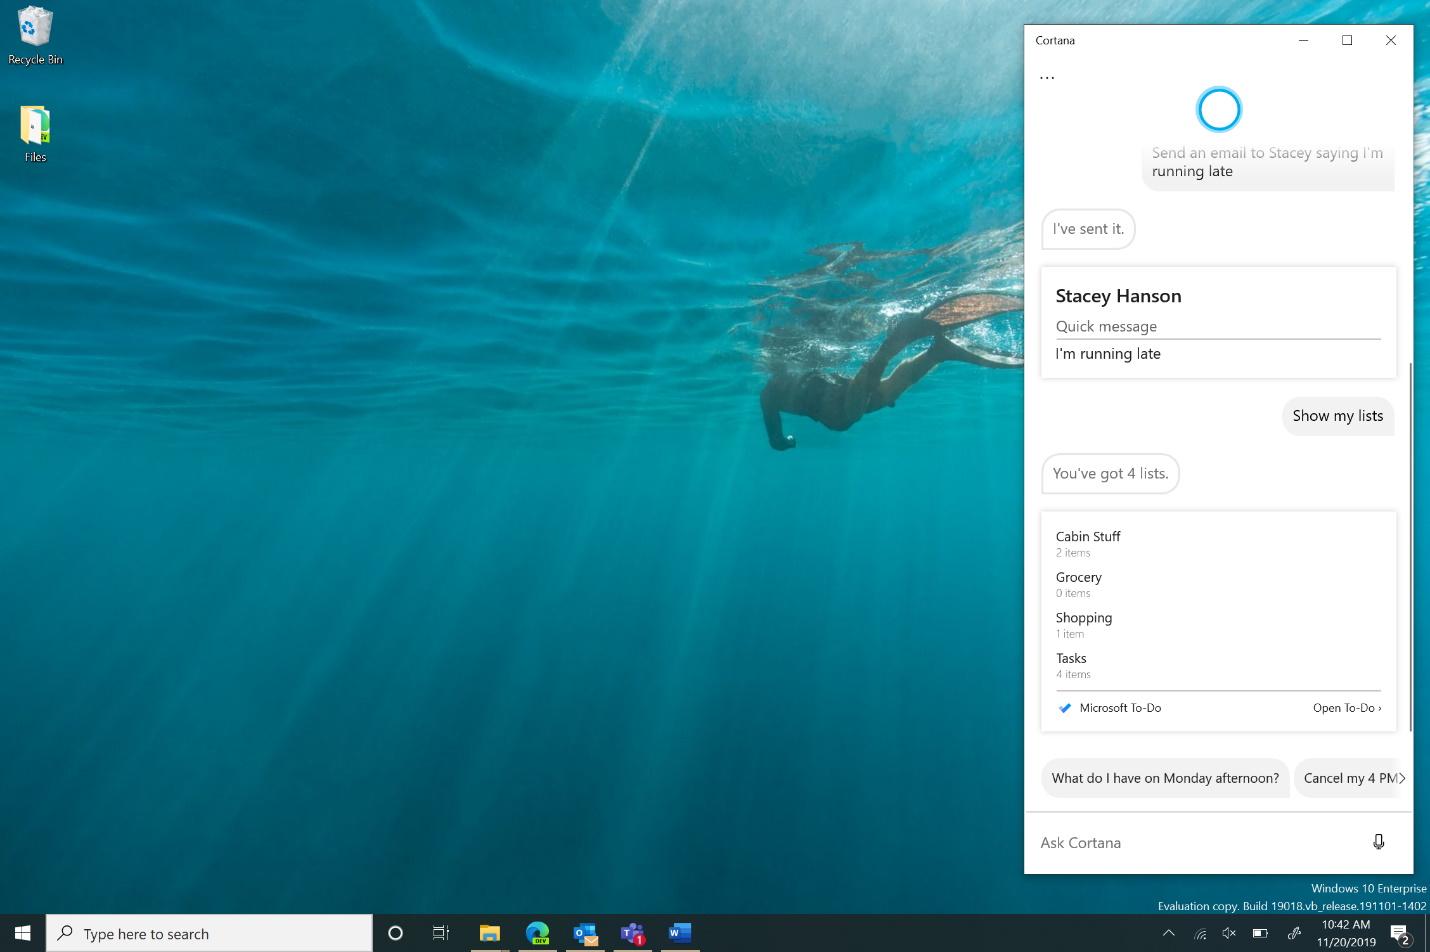 単体の独立したアプリとなった新しい「Cortana」(プレビュー版のもの)